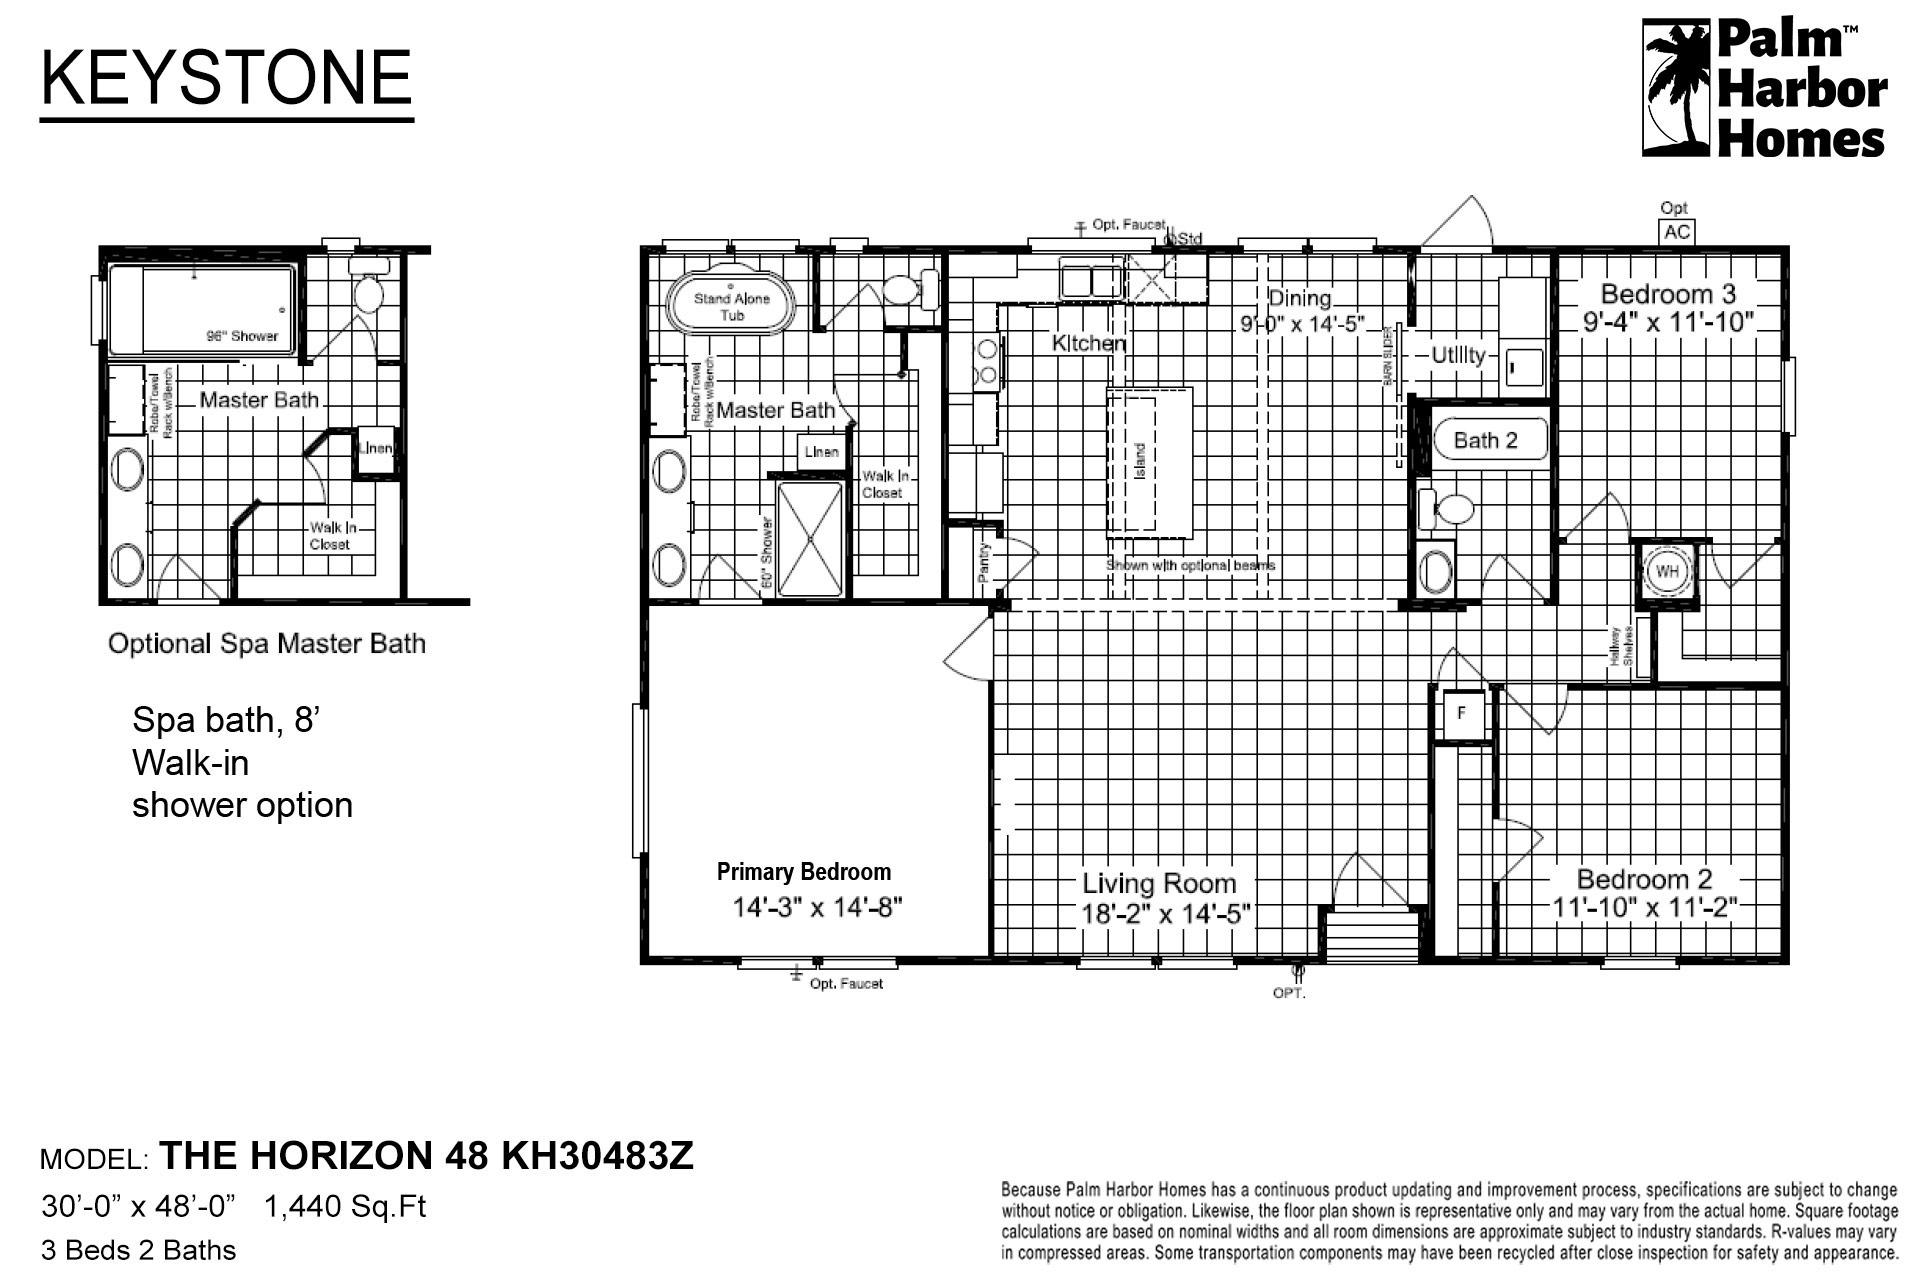 Keystone - The Horizon 48 KH30483Z